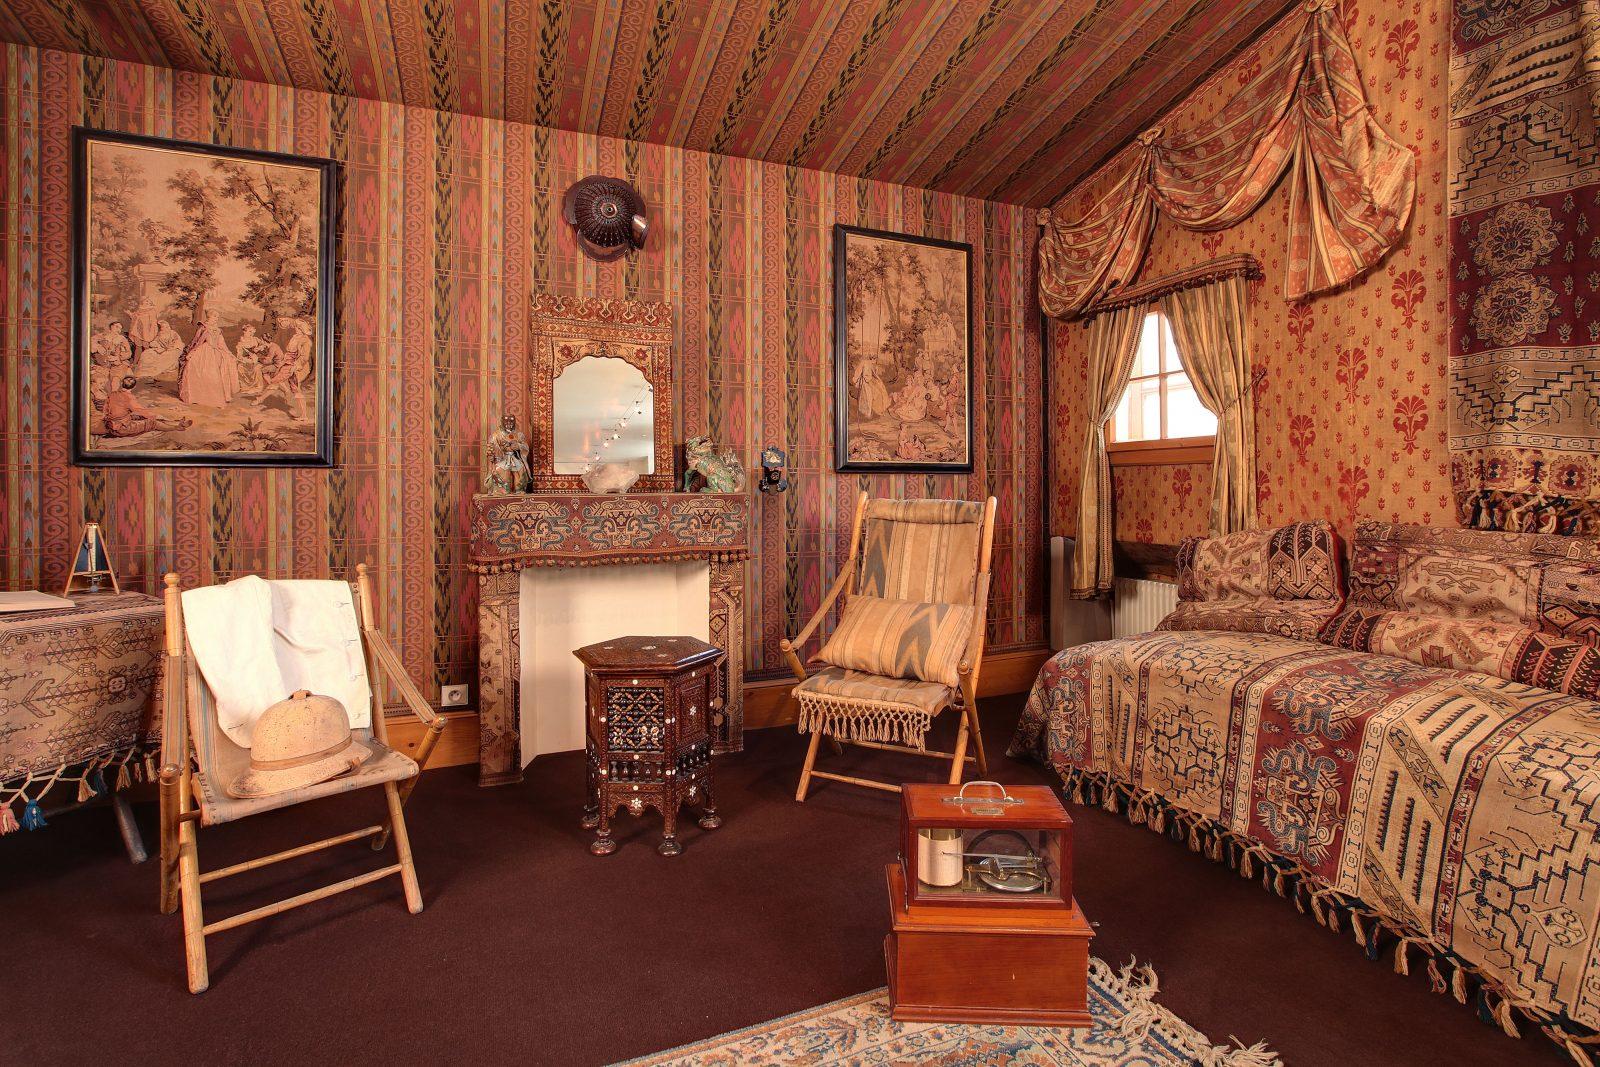 musée alpin chamonix -salon chinois